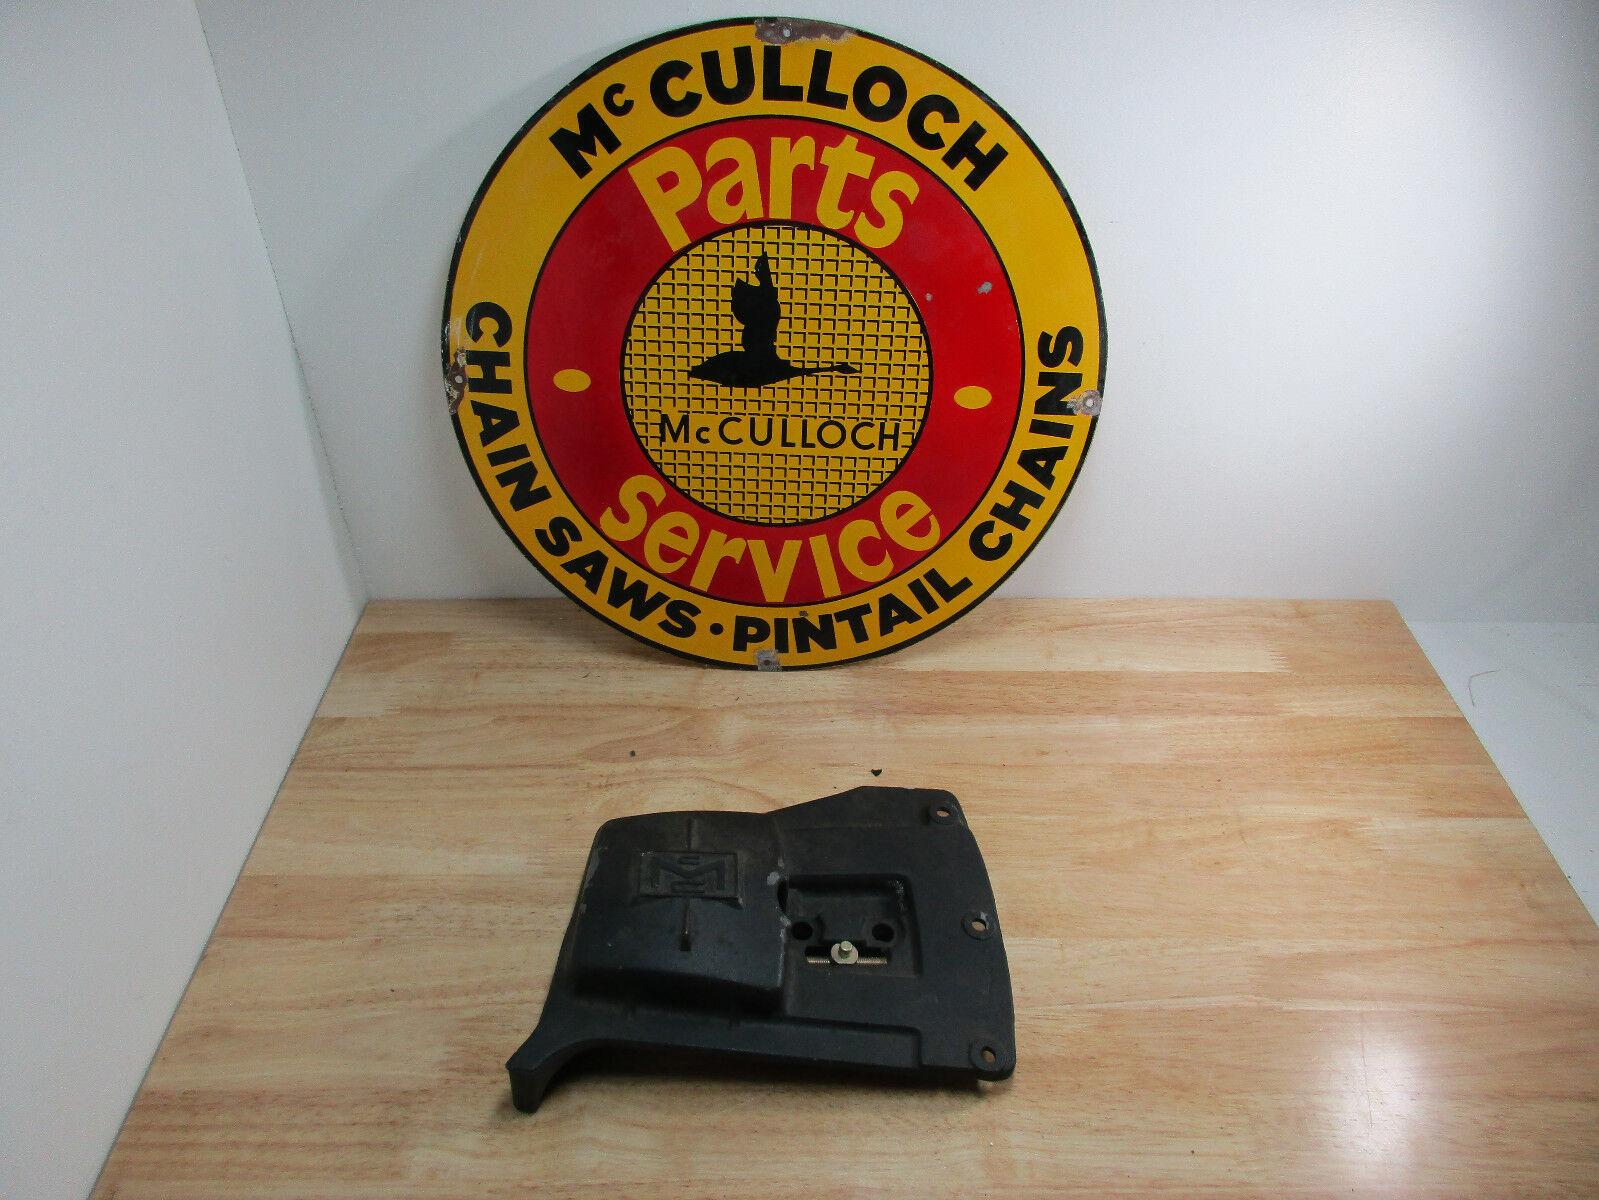 Genuine McCulloch Chainsaw Bar Cover Super 250 S550 450 1-51 1-53 1-43 380 250